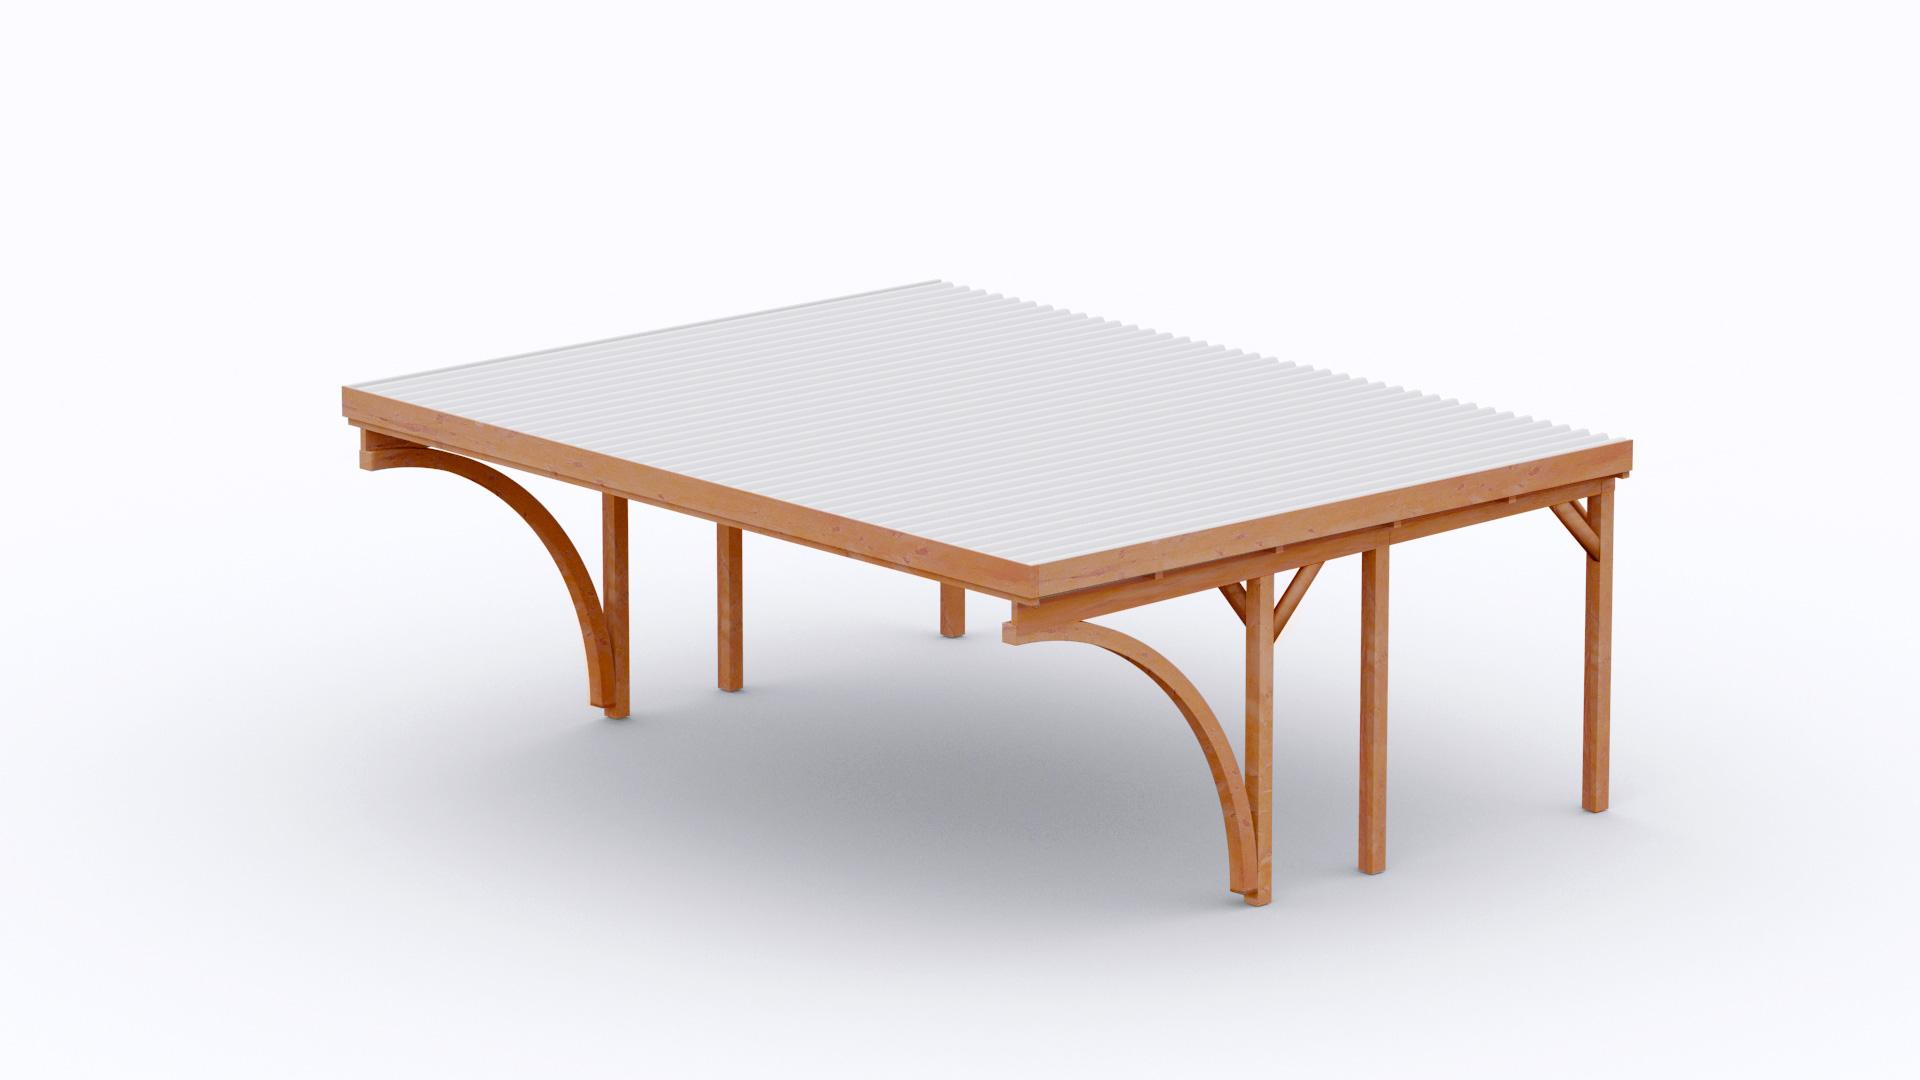 Verzauberkunst Osto Holz Sammlung Von Carport 610x510 Cm · Fichte · 2